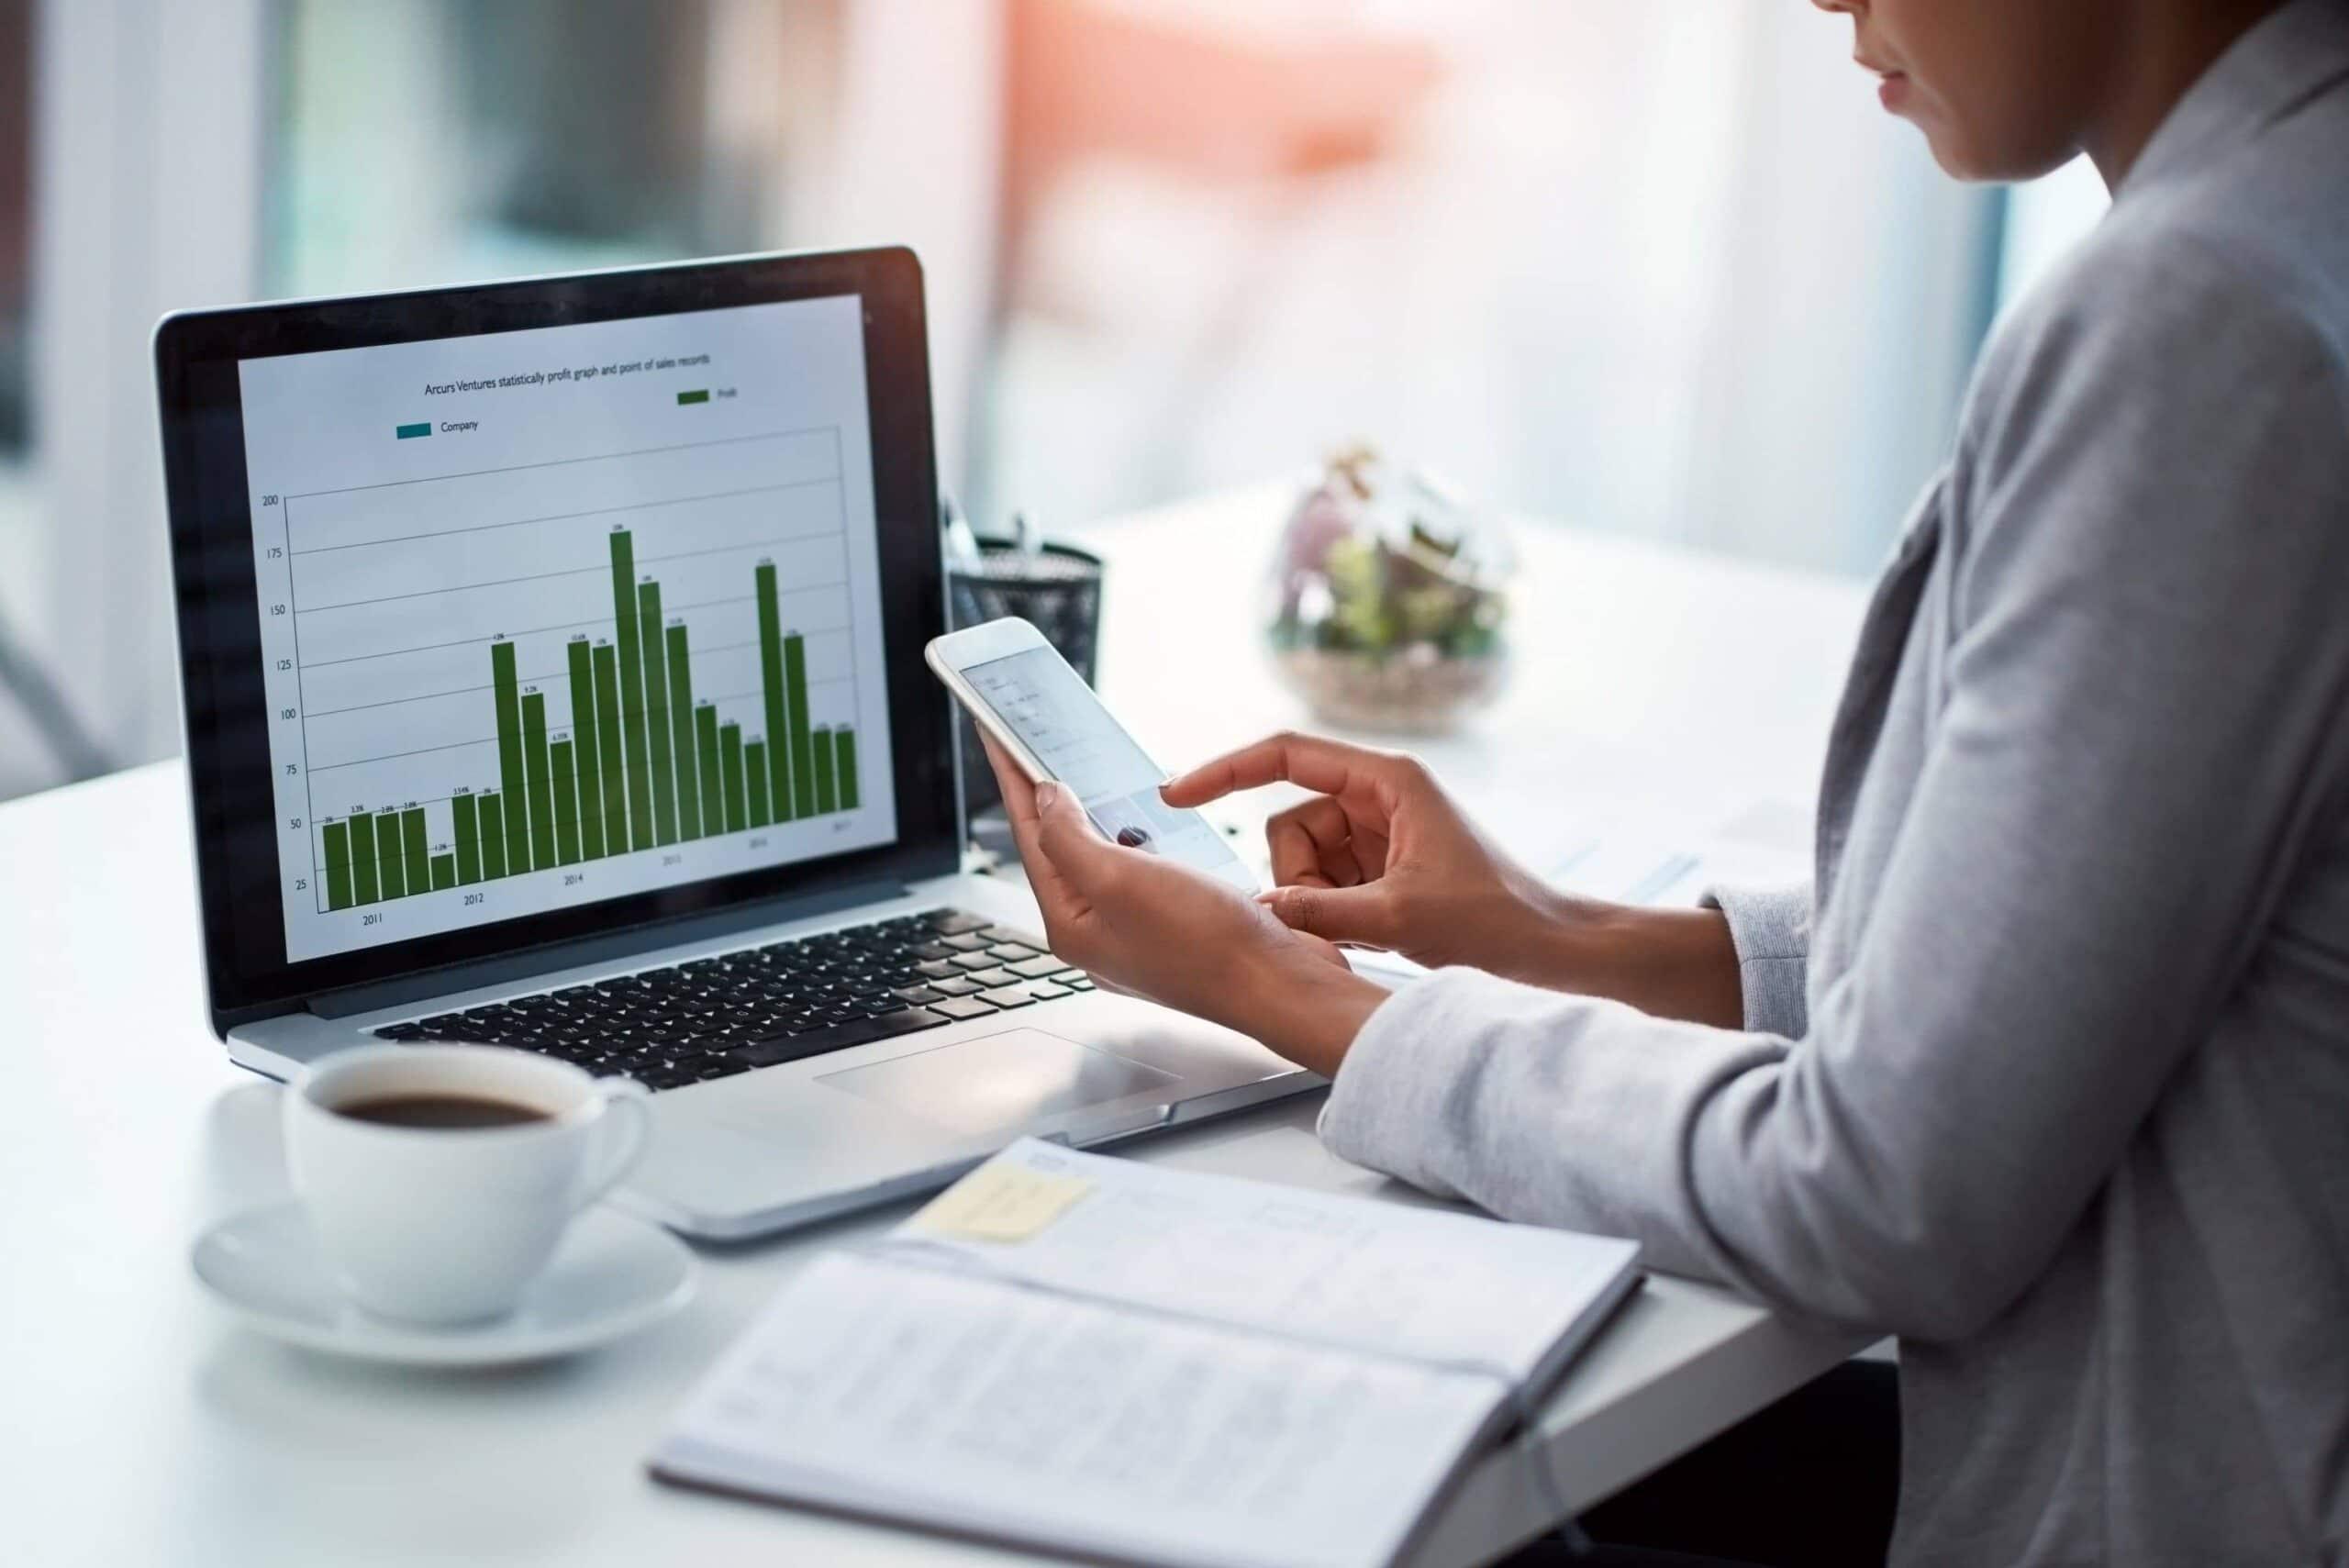 Finanças inteligentes: o que é preciso saber sobre o tema?